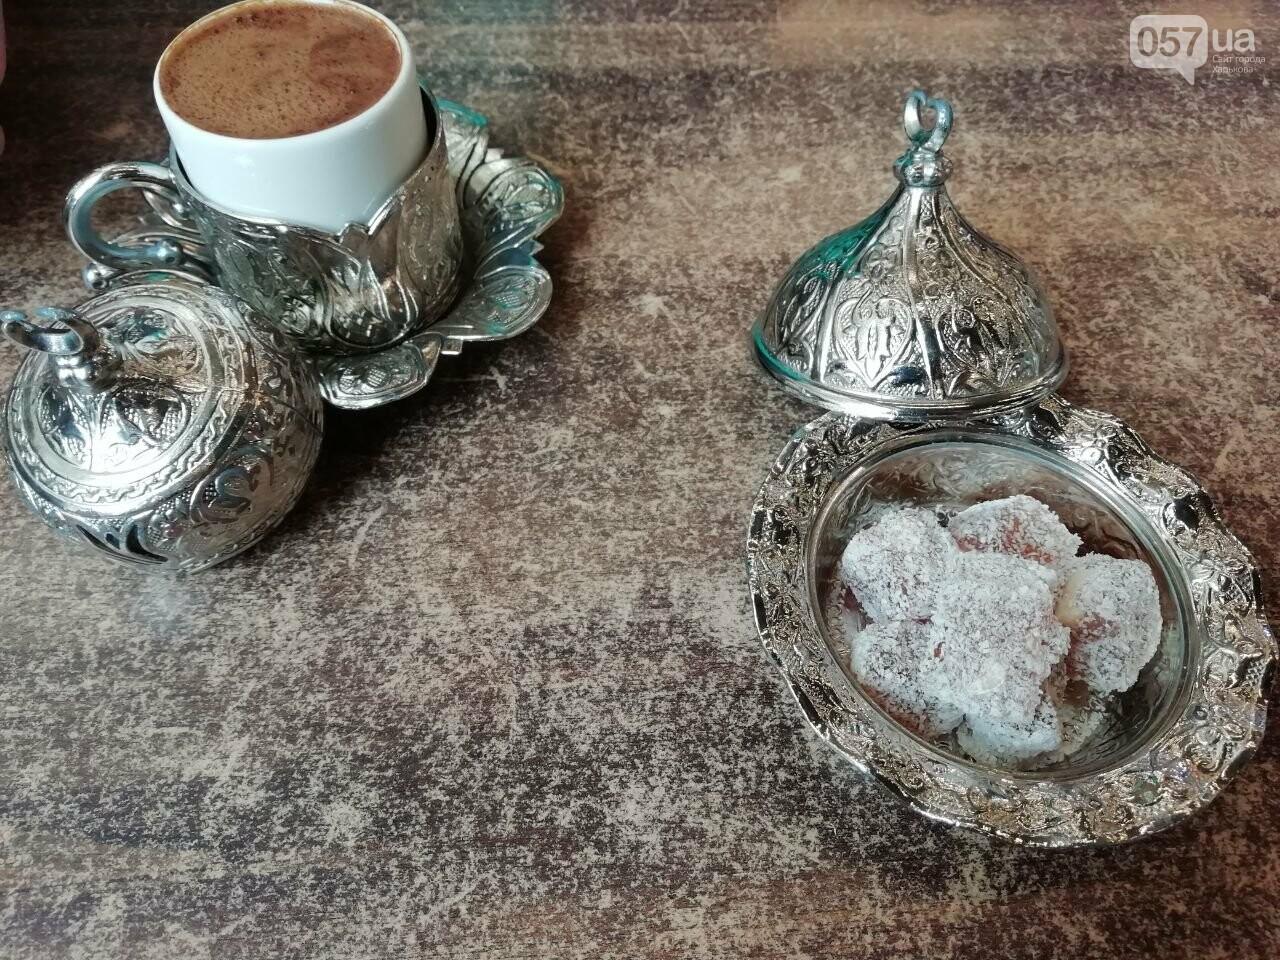 Из Харькова в Стамбул. Как добраться, что попробовать и на что посмотреть в турецком городе, - ФОТО, фото-50